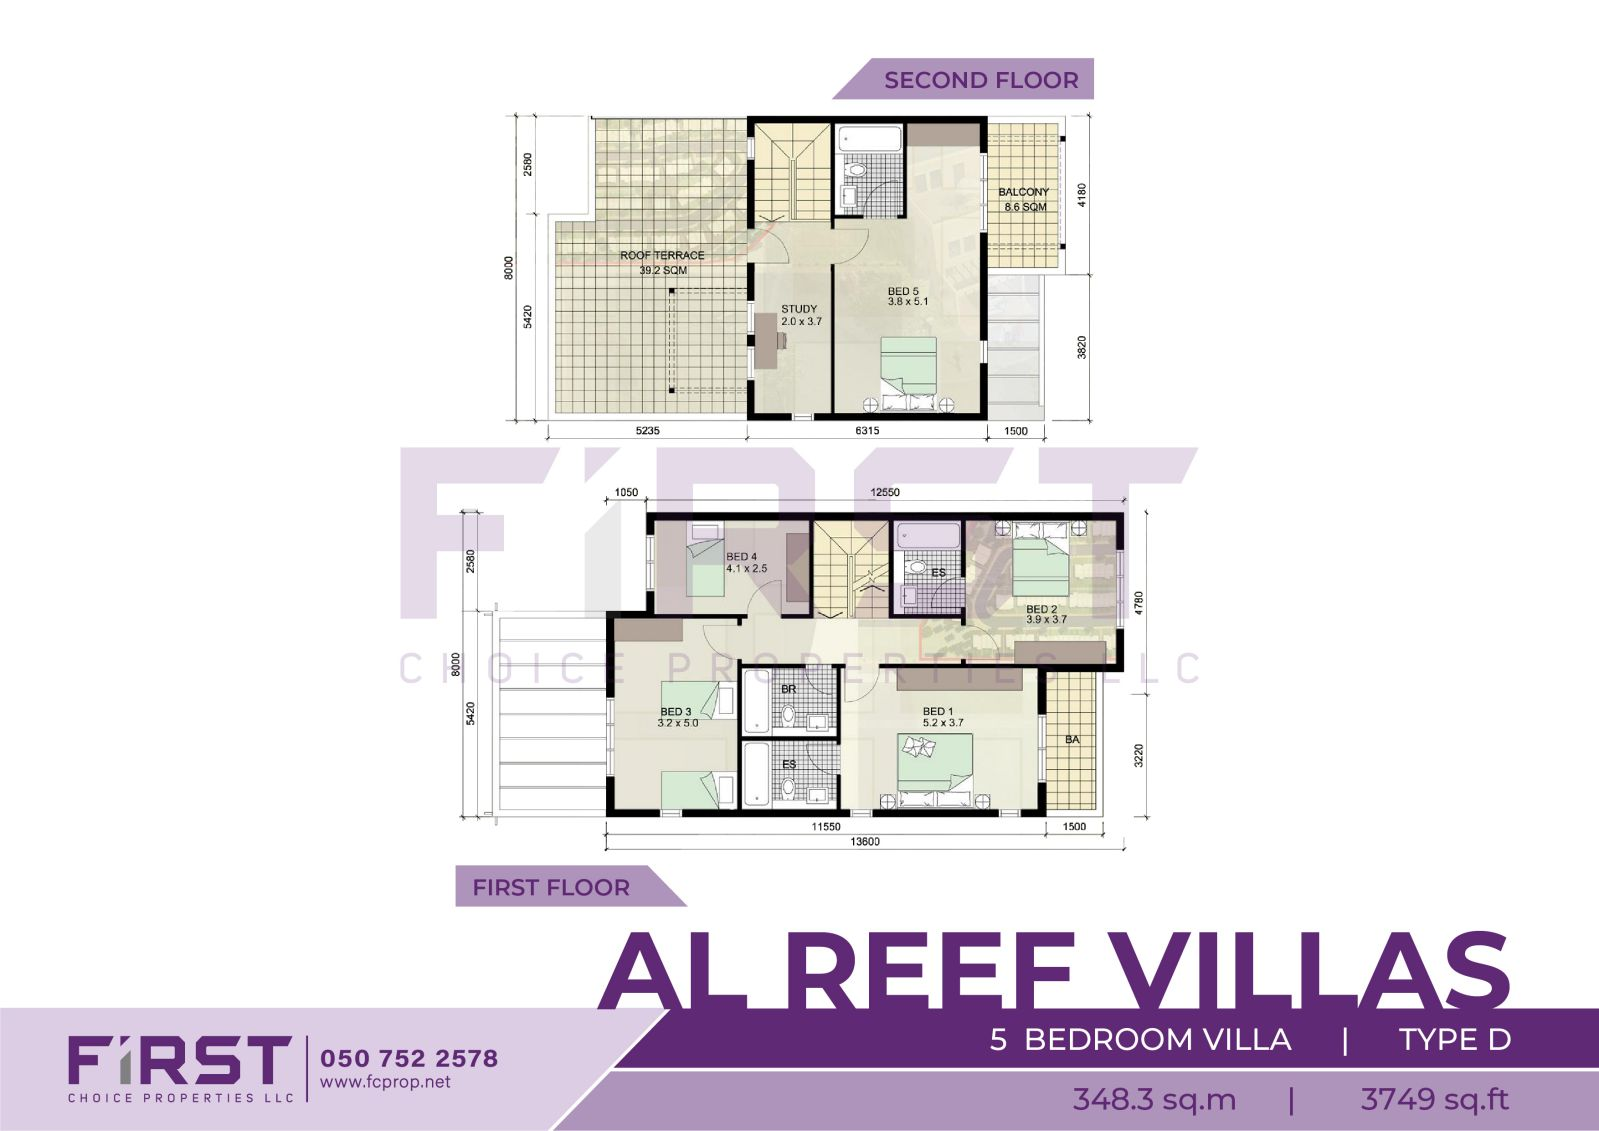 Floor Plan of 5 Bedroom Villa Type D in Al Reef Villas Al Reef Abu Dhabi UAE 348.3 sq.m 3749 sq.ft 1.jpg